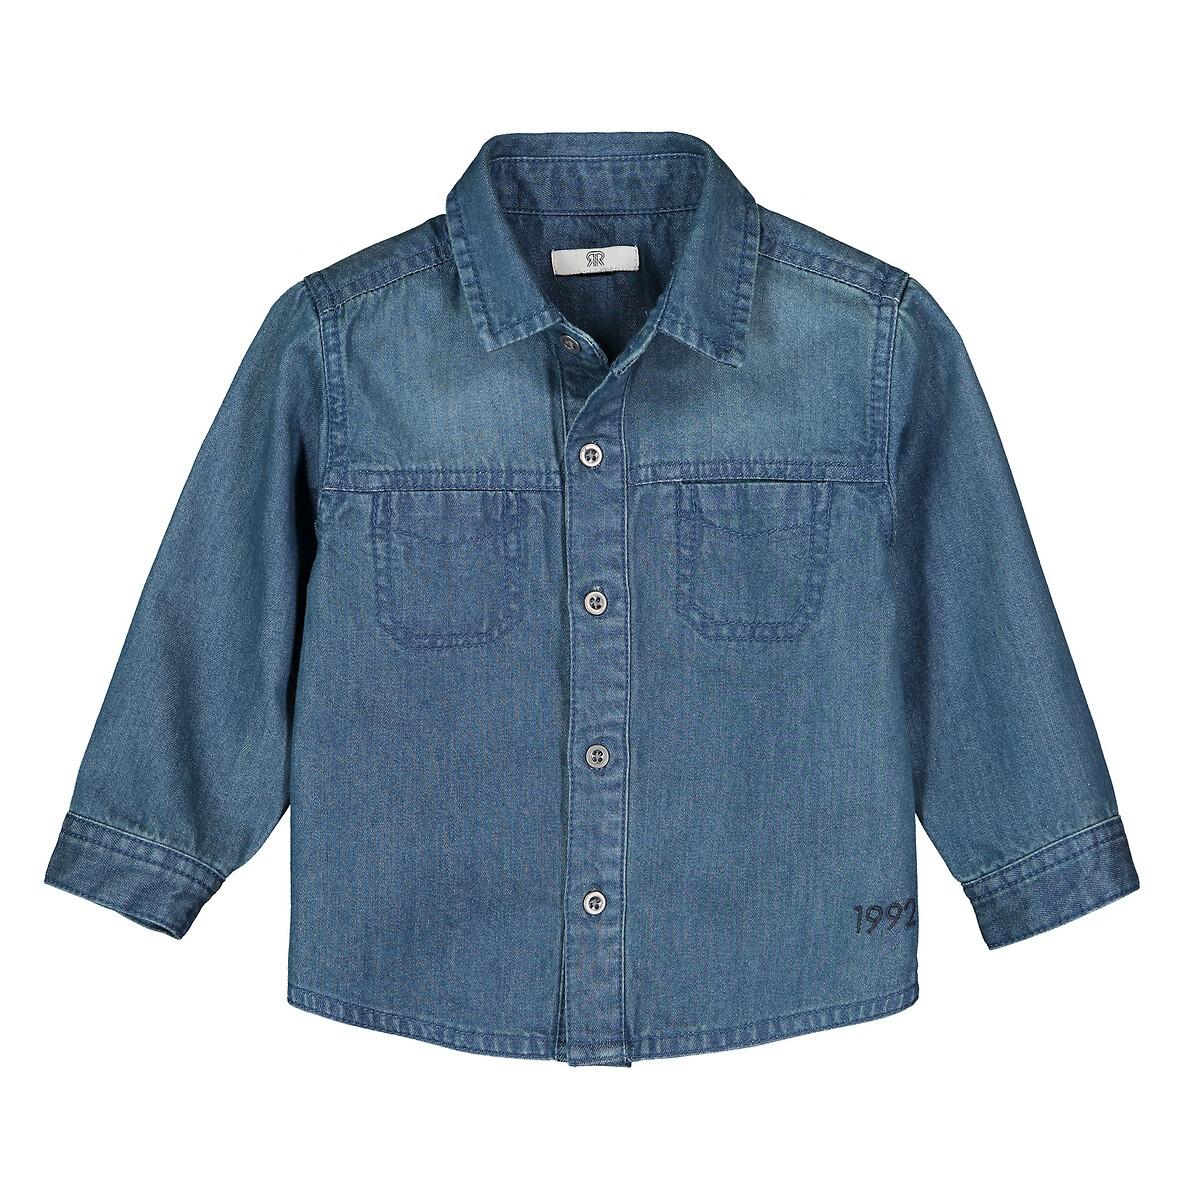 Фото - Рубашка LaRedoute Из денима 1 мес - 3 года 2 года - 86 см синий юбка laredoute прямая из легкого денима 3 12 лет 3 года 94 см синий